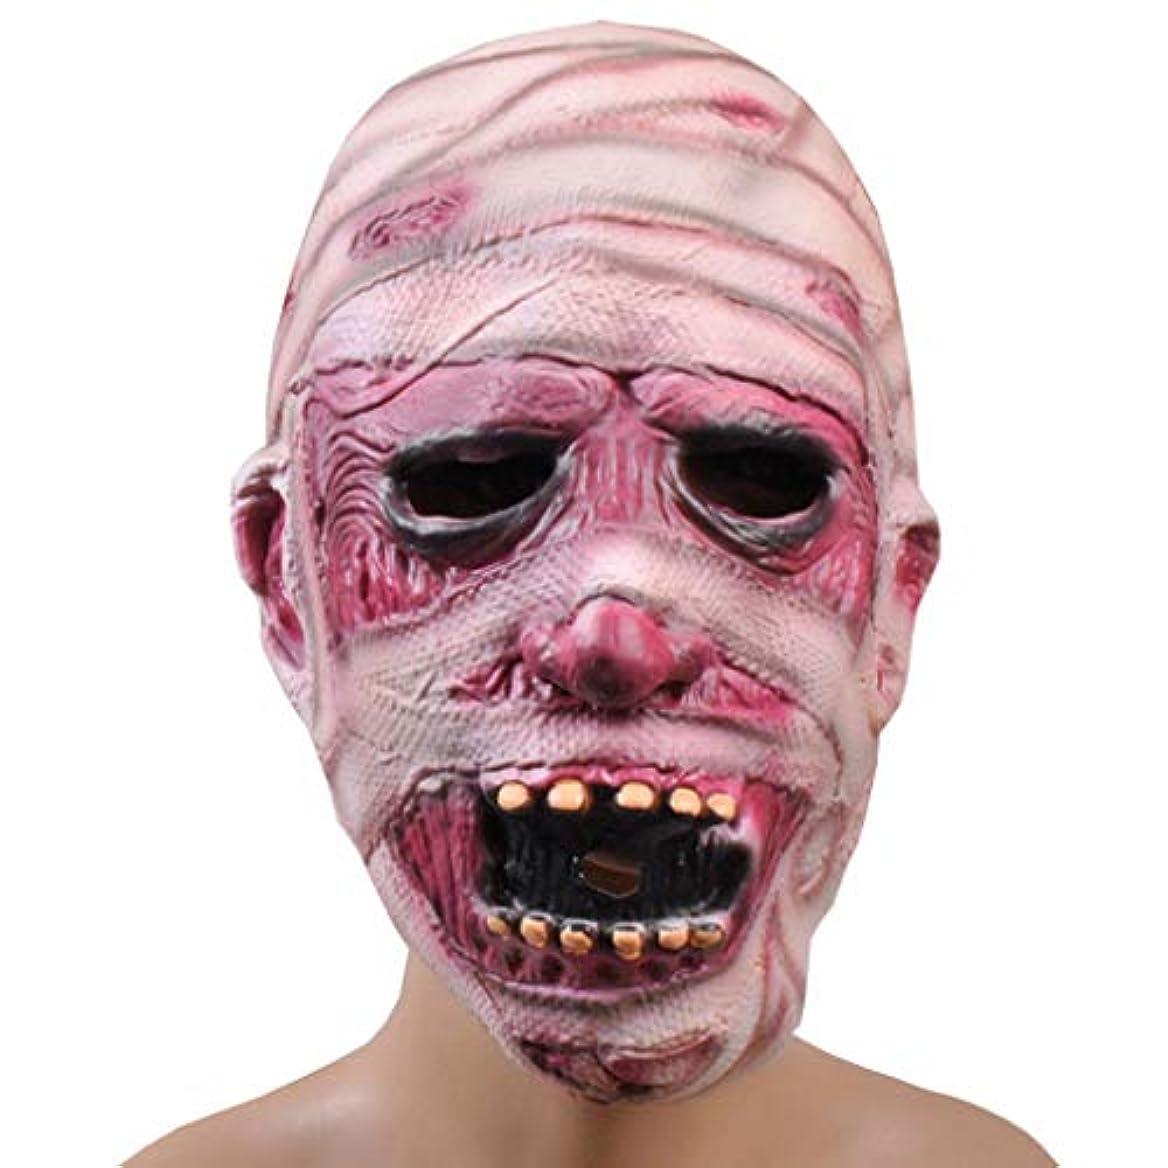 者エコー威するハロウィンホラーしかめっ面マスクゴーストフェスティバルラテックスマスクホラー怖いマスクゴーストゾンビミイラマスク (Color : B)